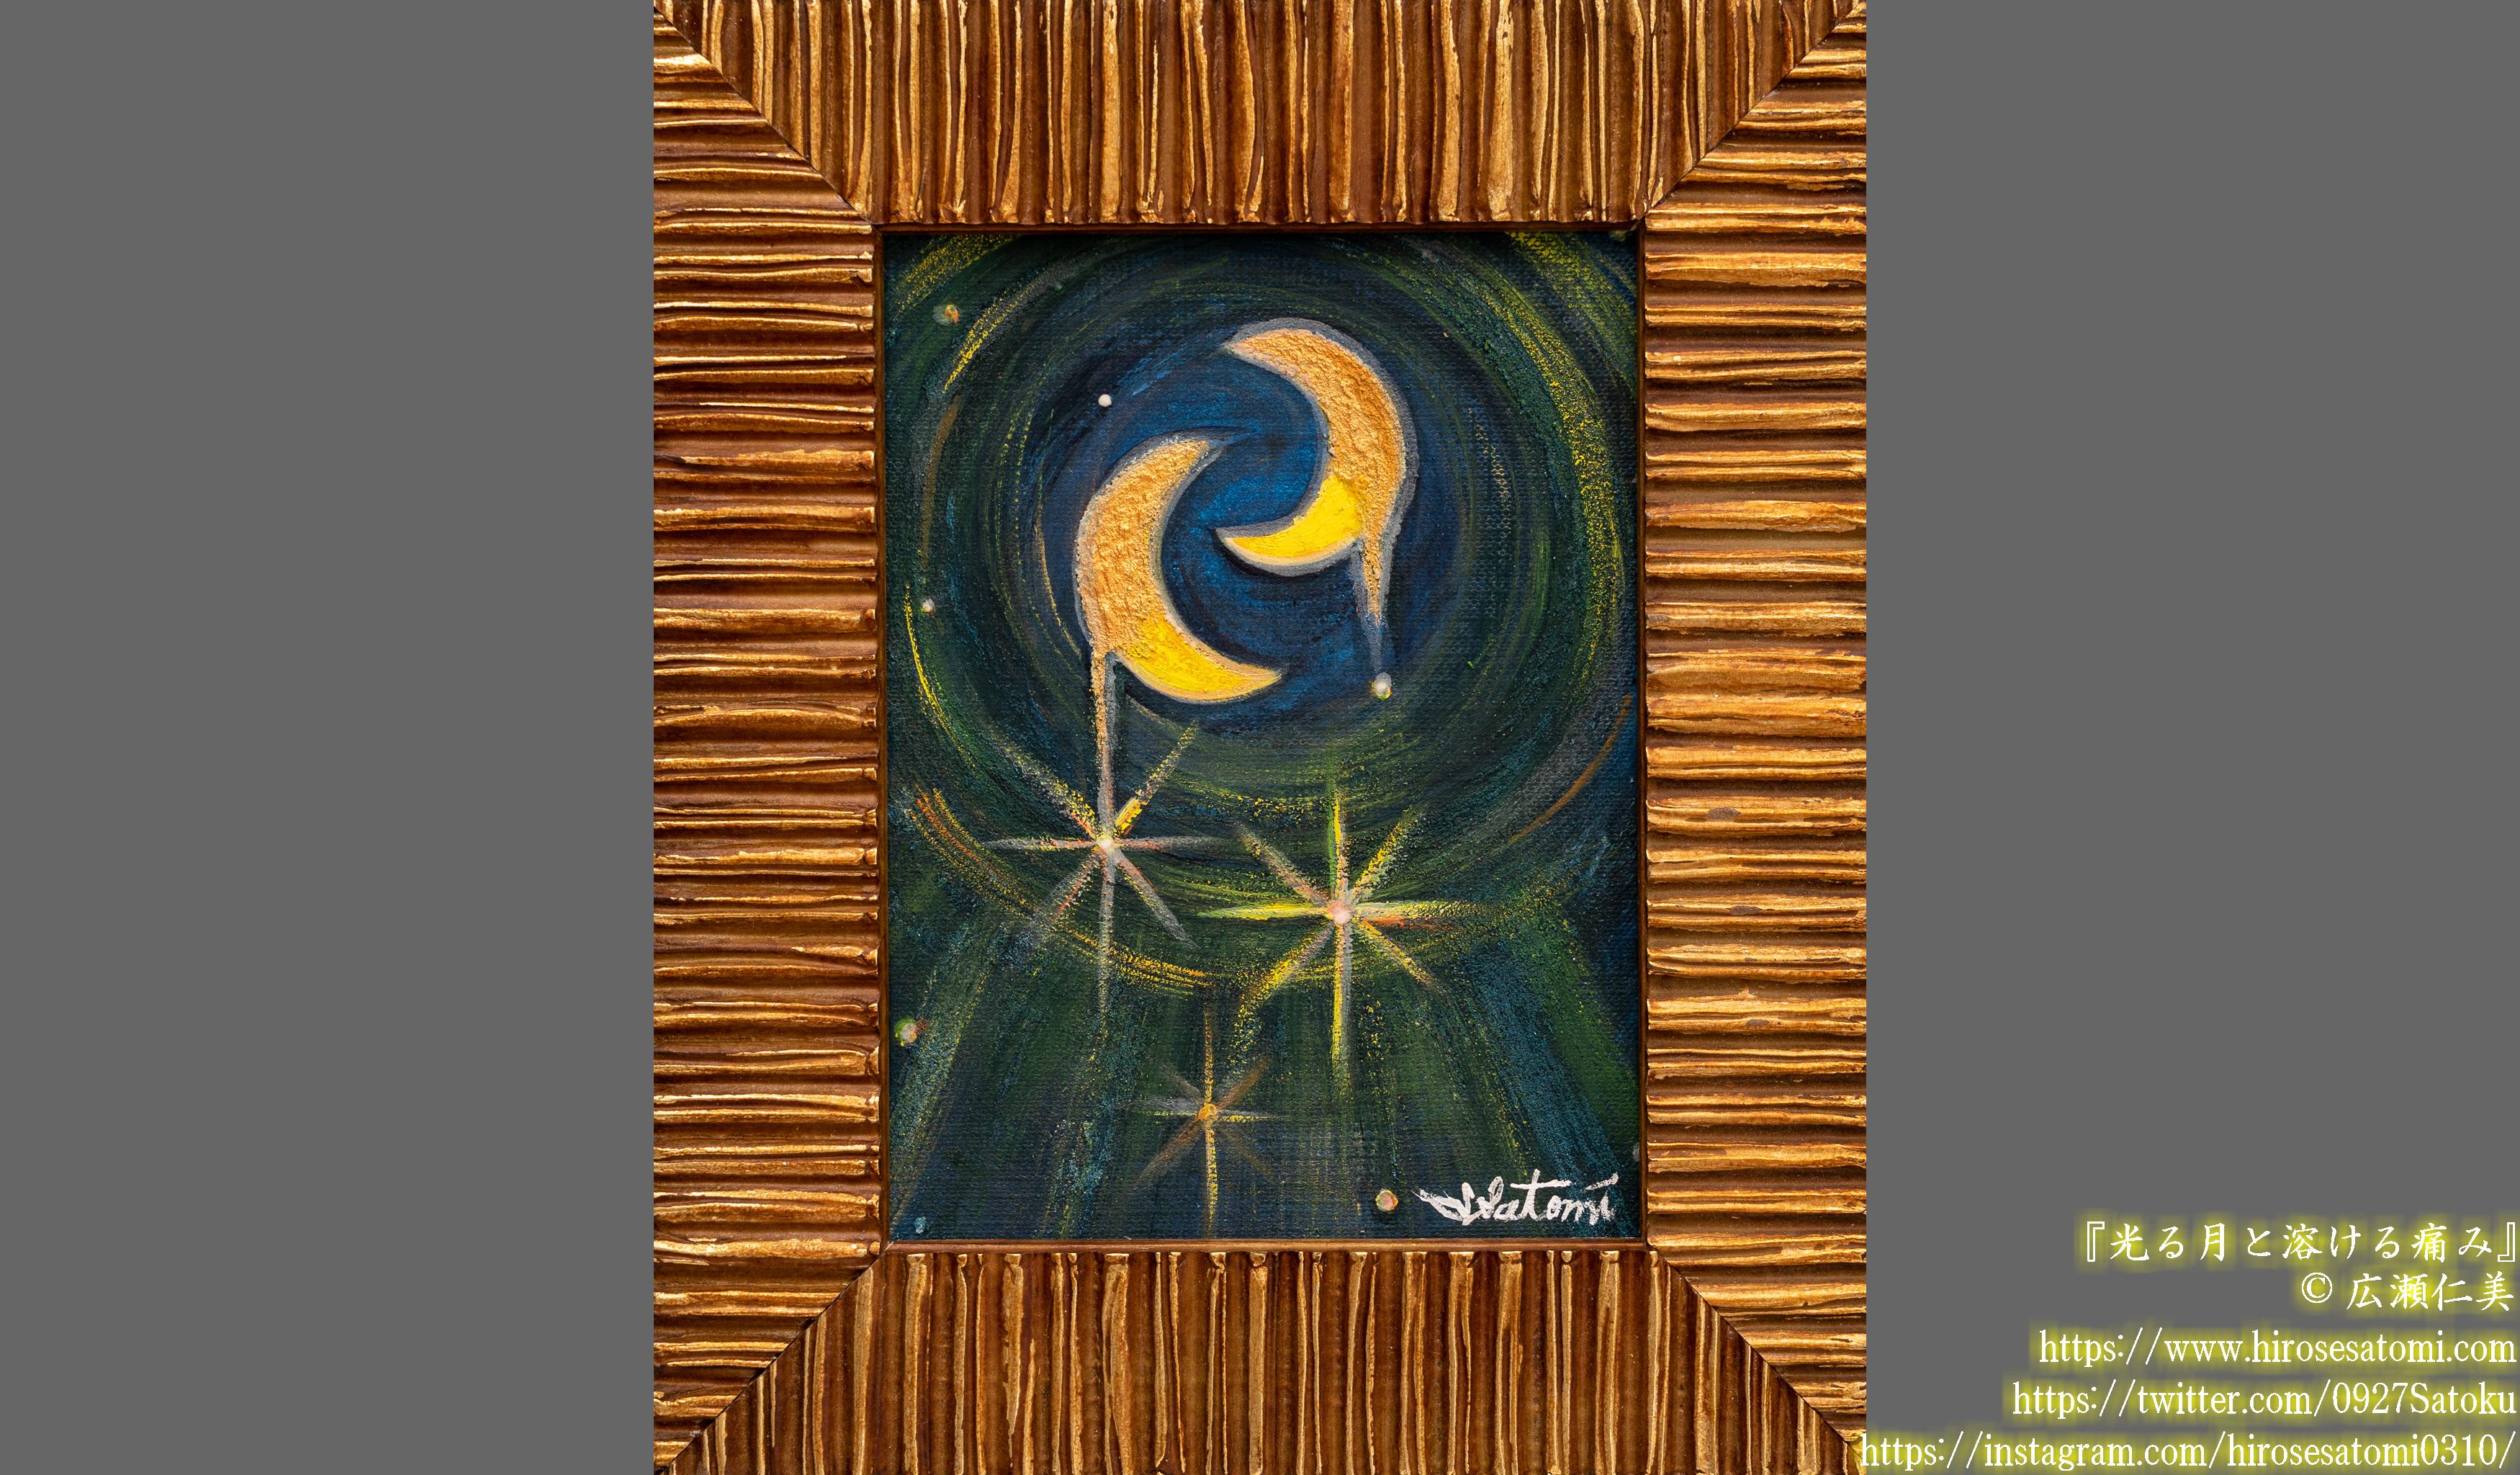 『 光る月と溶ける痛み 』イタリア製手作り額縁付き